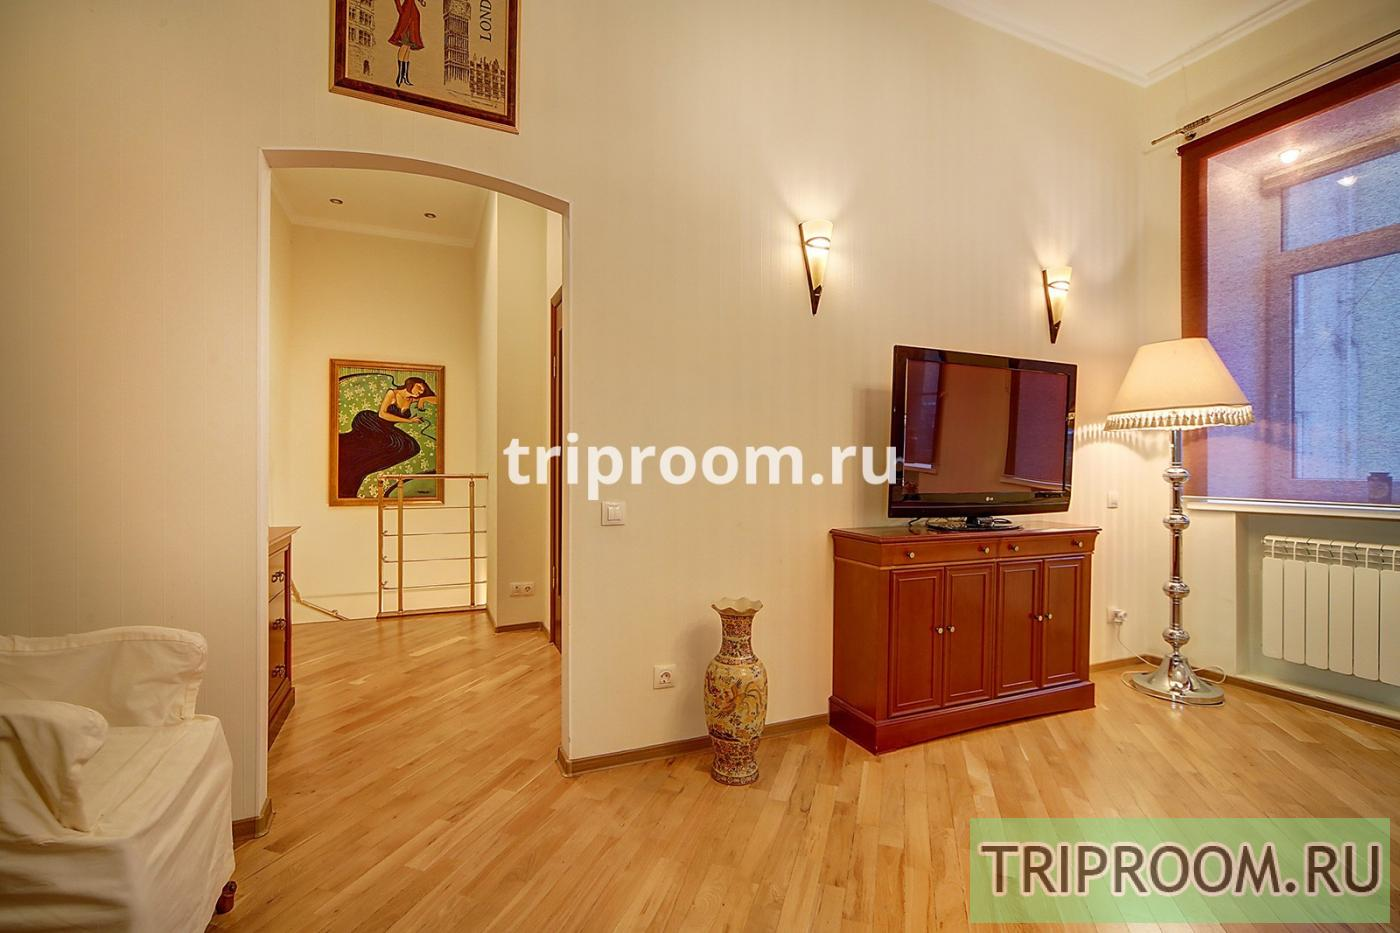 2-комнатная квартира посуточно (вариант № 15116), ул. Большая Конюшенная улица, фото № 7